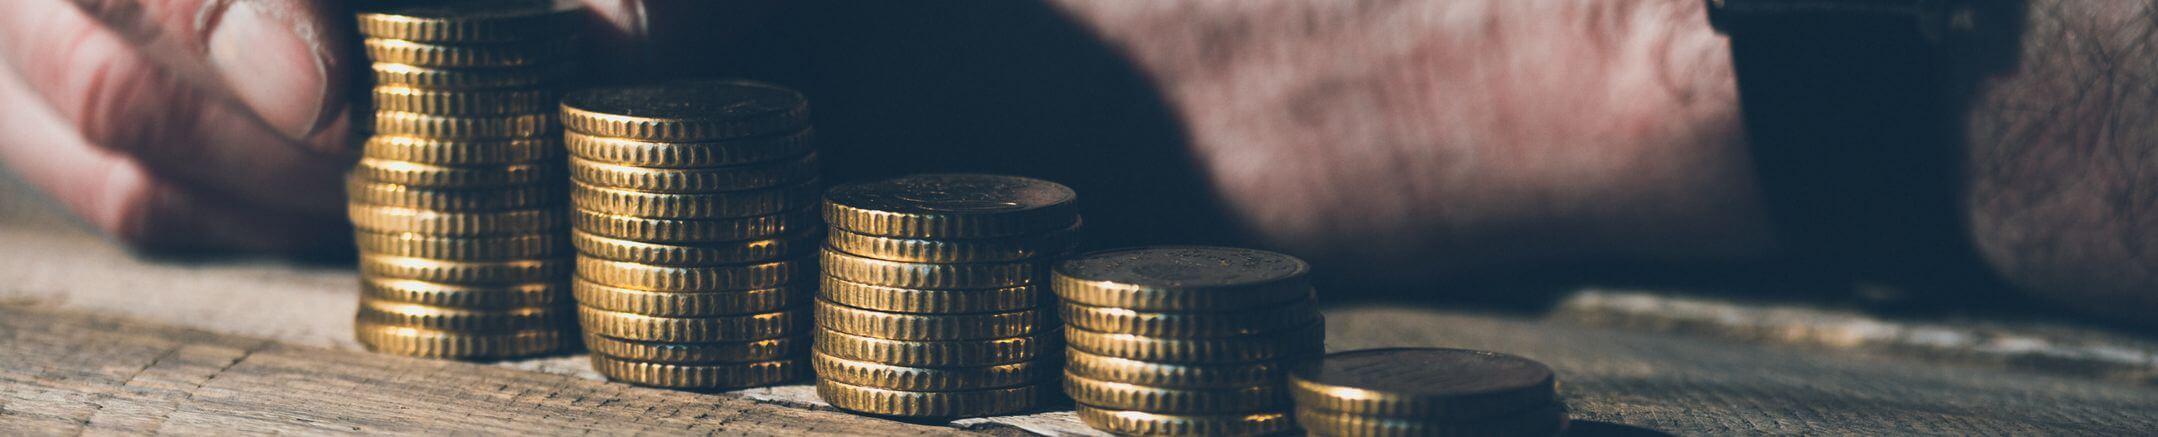 Versandkosten bei Bonprix & gibt es versandkostenfrei Lieferung?